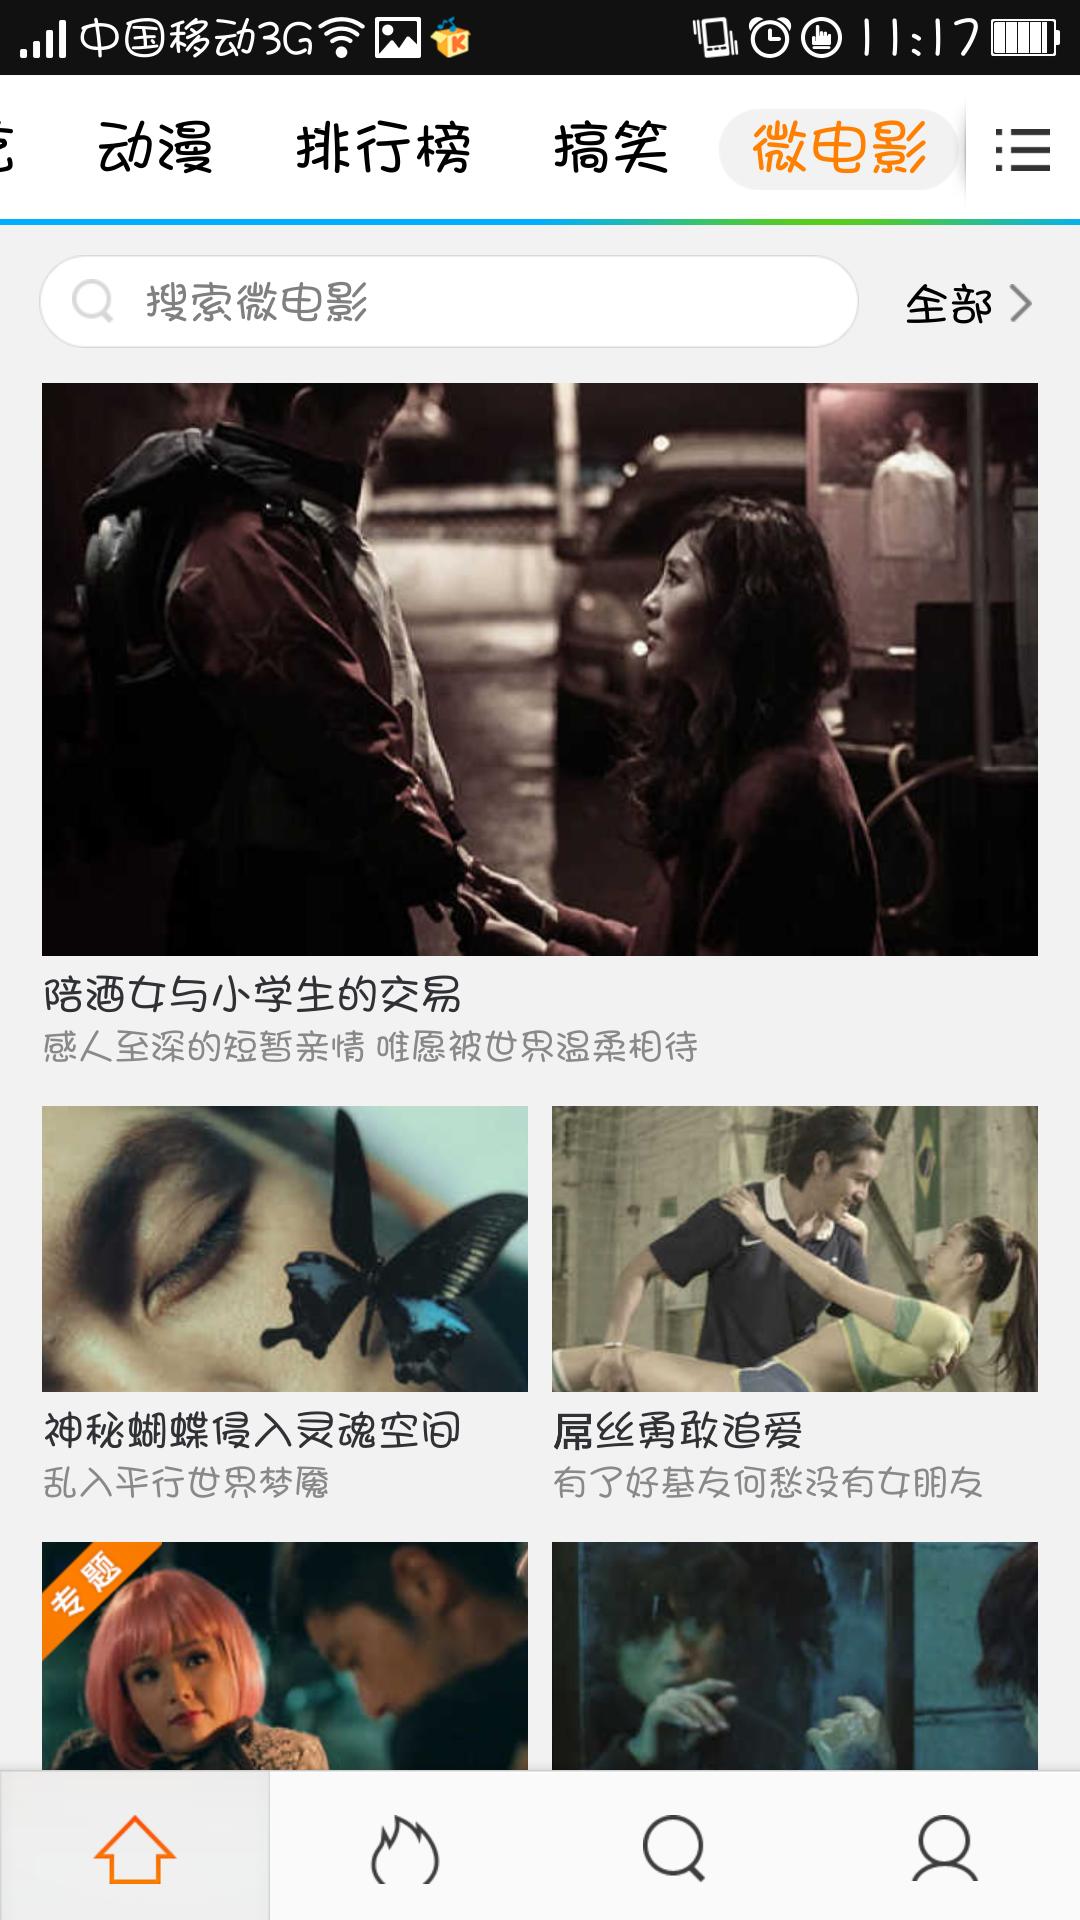 手机端微电影频道推荐